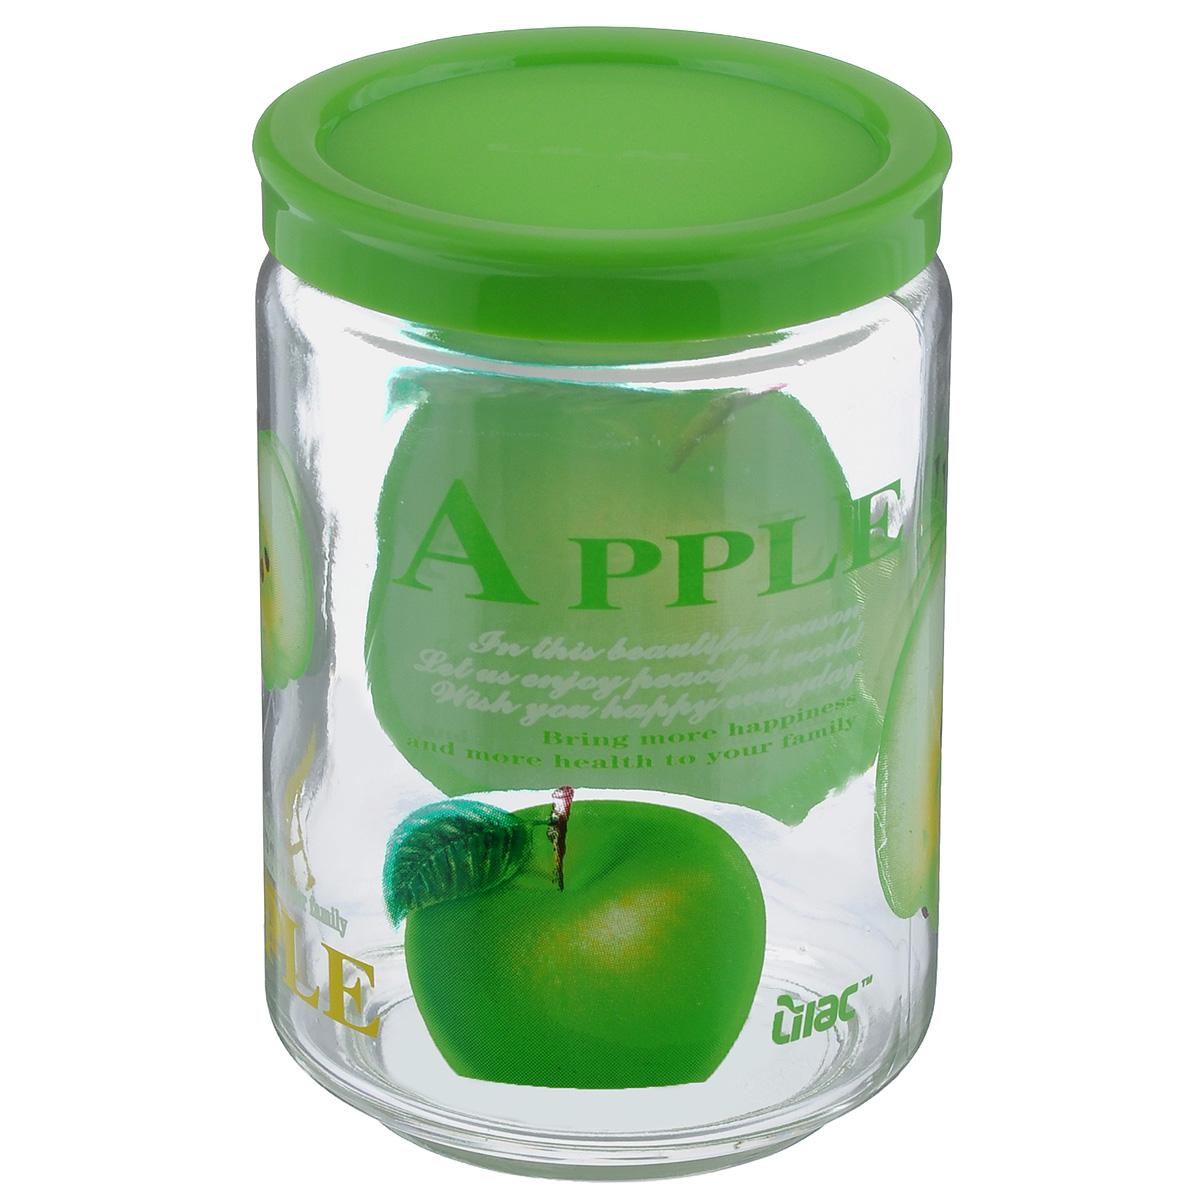 Банка для сыпучих продуктов Lilac, цвет: прозрачный, салатовый, 600 мл32865419,LLS4600Банка для сыпучих продуктов Lilac изготовлена из прочного стекла и декорирована красочным рисунком. Банка оснащена плотно закрывающейся пластиковой крышкой. Благодаря этому внутри сохраняется герметичность и продукты дольше остаются свежими. Изделие предназначено для хранения различных сыпучих продуктов: круп, чая, сахара, орехов и многого другого. Функциональная и вместительная, такая банка станет незаменимым аксессуаром на любой кухне. Не рекомендуется мыть в посудомоечной машине. Диаметр (по верхнему краю): 6 см. Высота банки (без учета крышки): 12,5 см.